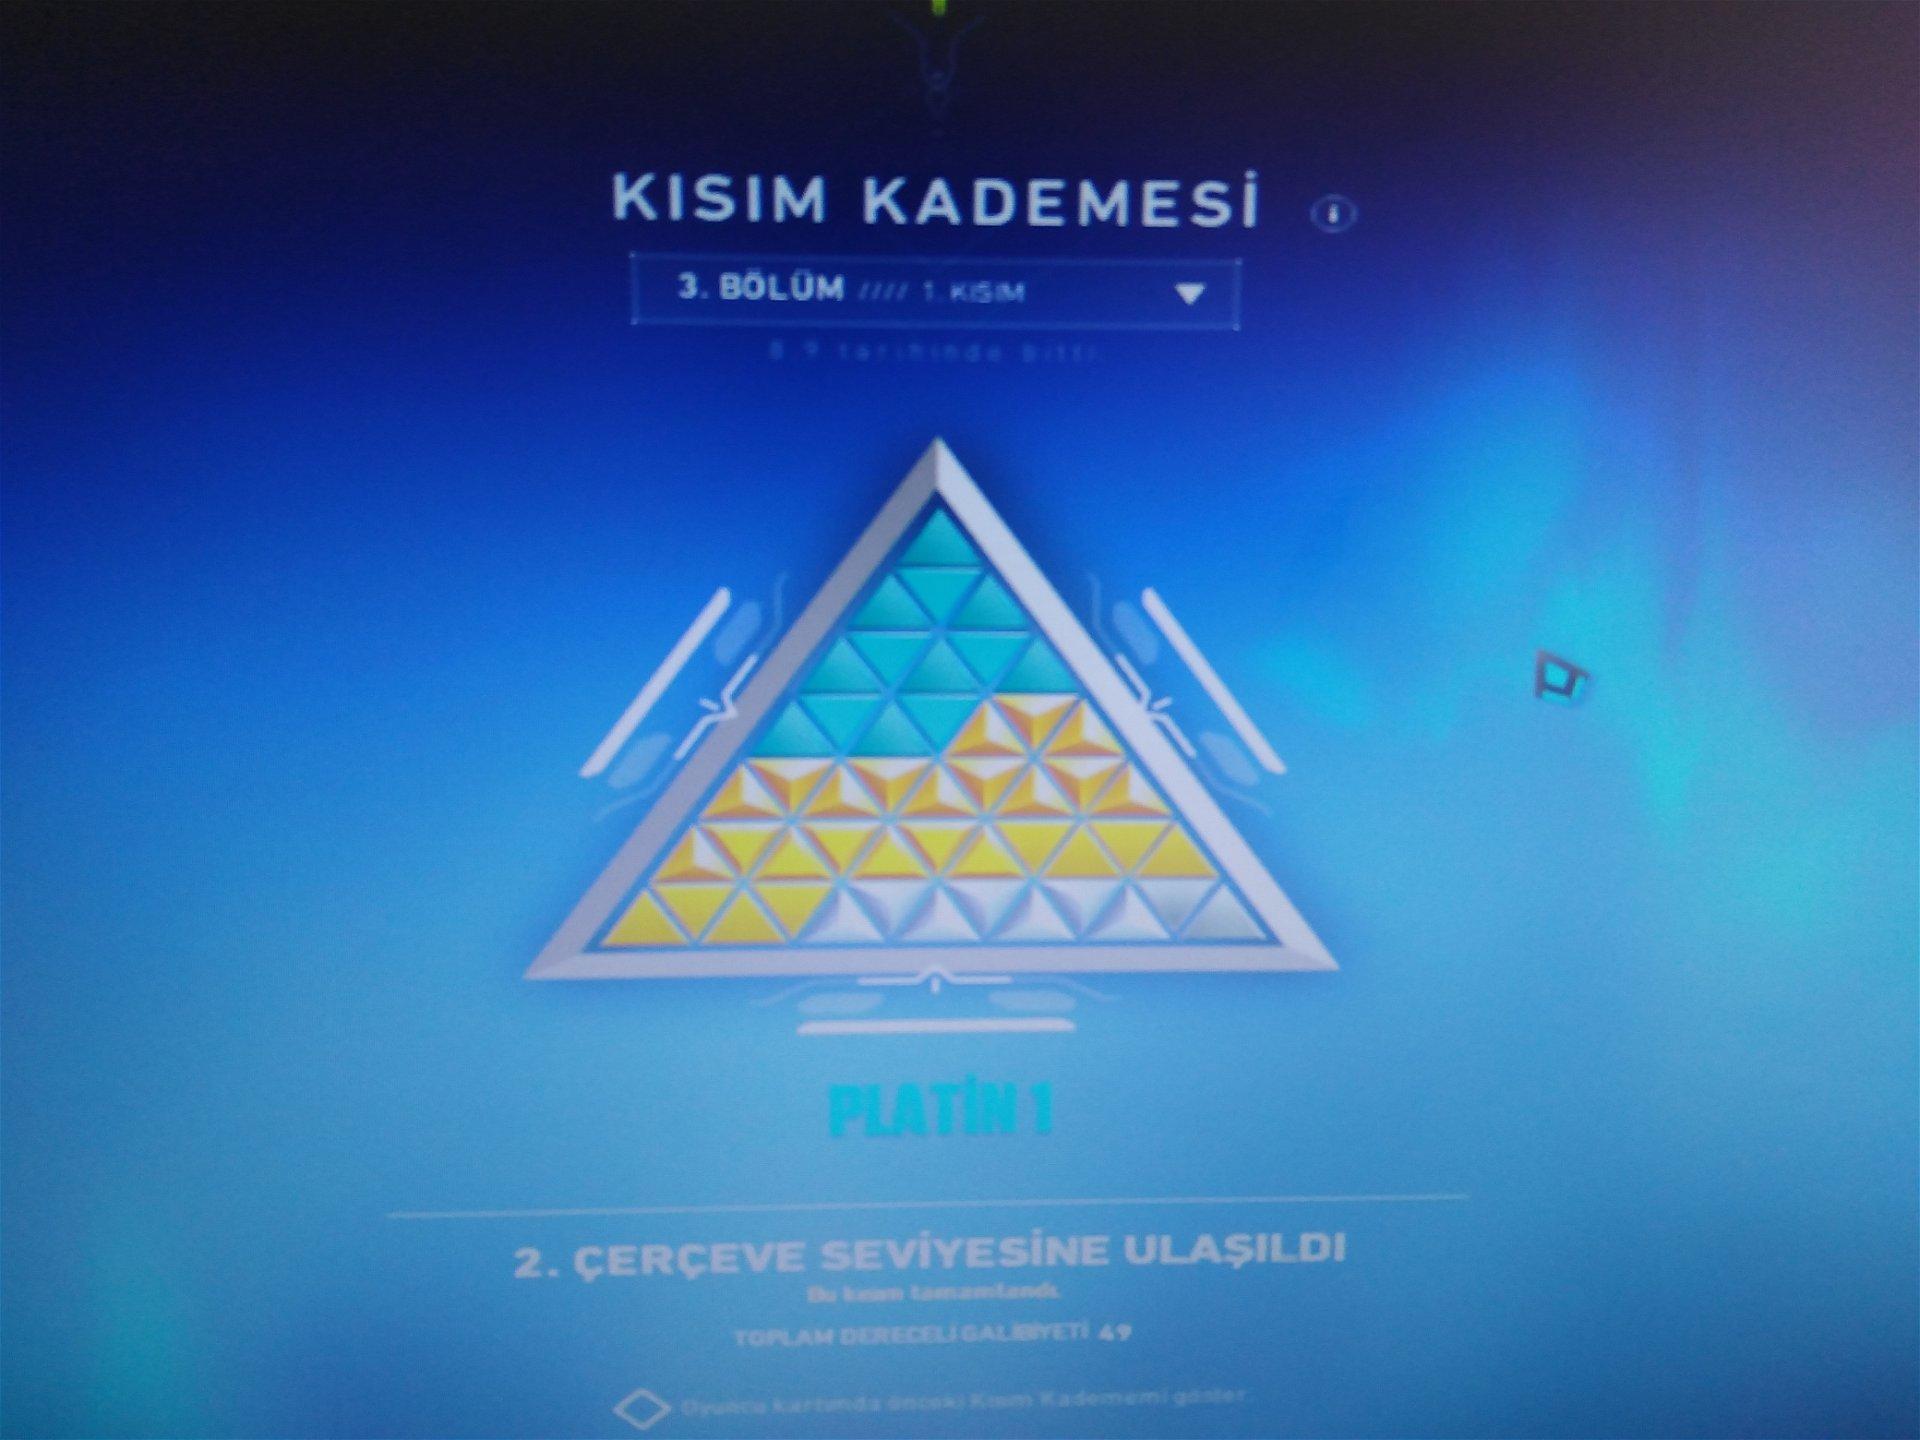 MAİLLİ TR 2 TANE BATTLEPASS HESAP